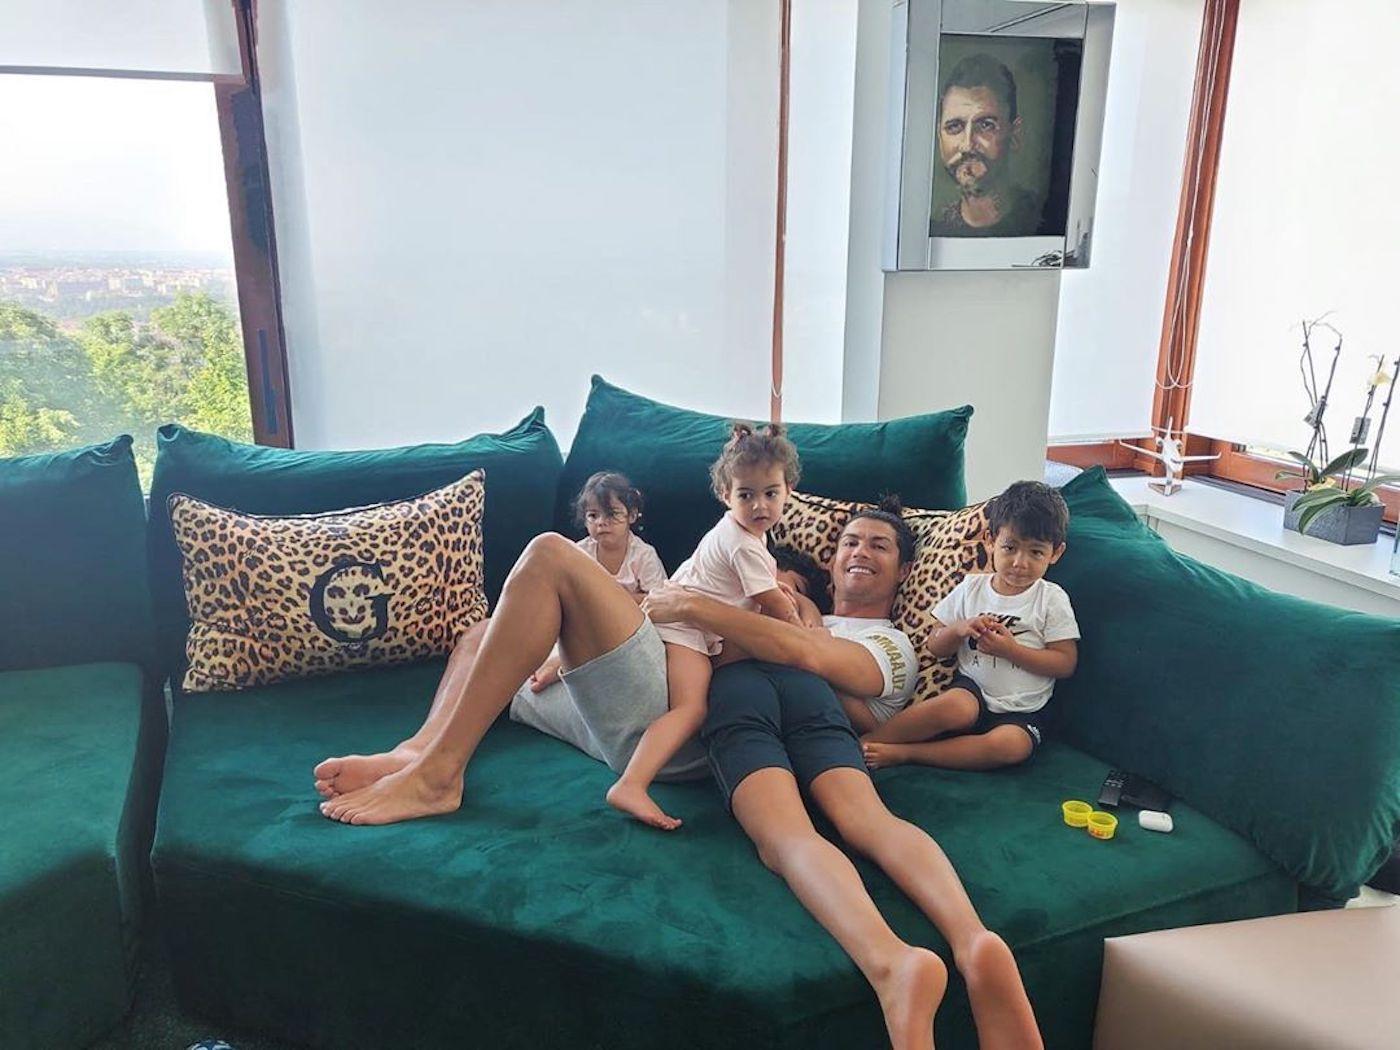 Cristiano Ronaldo Filhos A Imagem Ternurenta De Cristiano Ronaldo Tem Um Pormenor Que Não Passou Despercebido